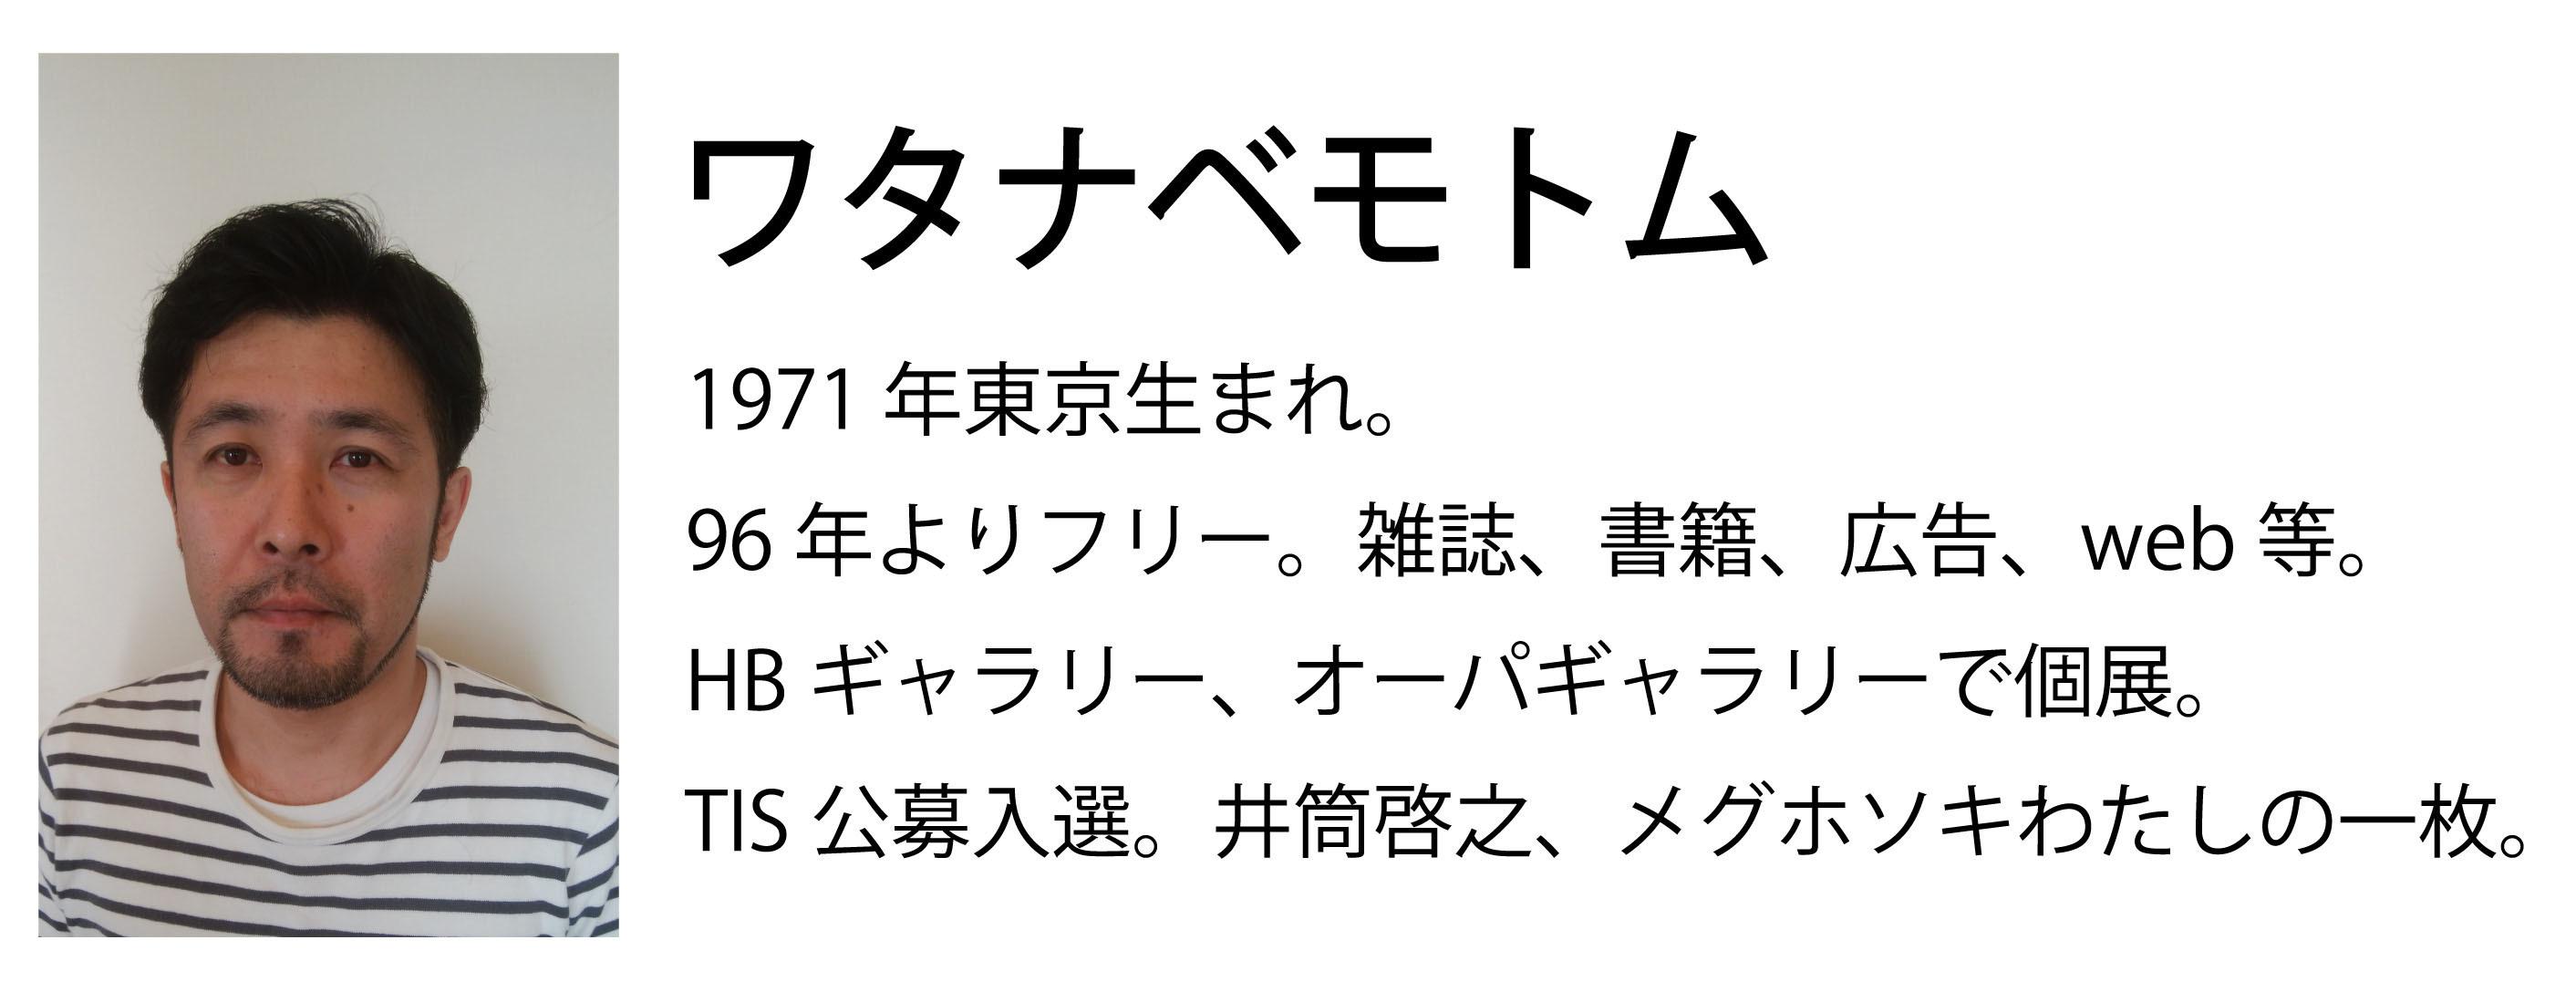 イラストレーター ワタナベモトム_e0039879_14520466.jpg